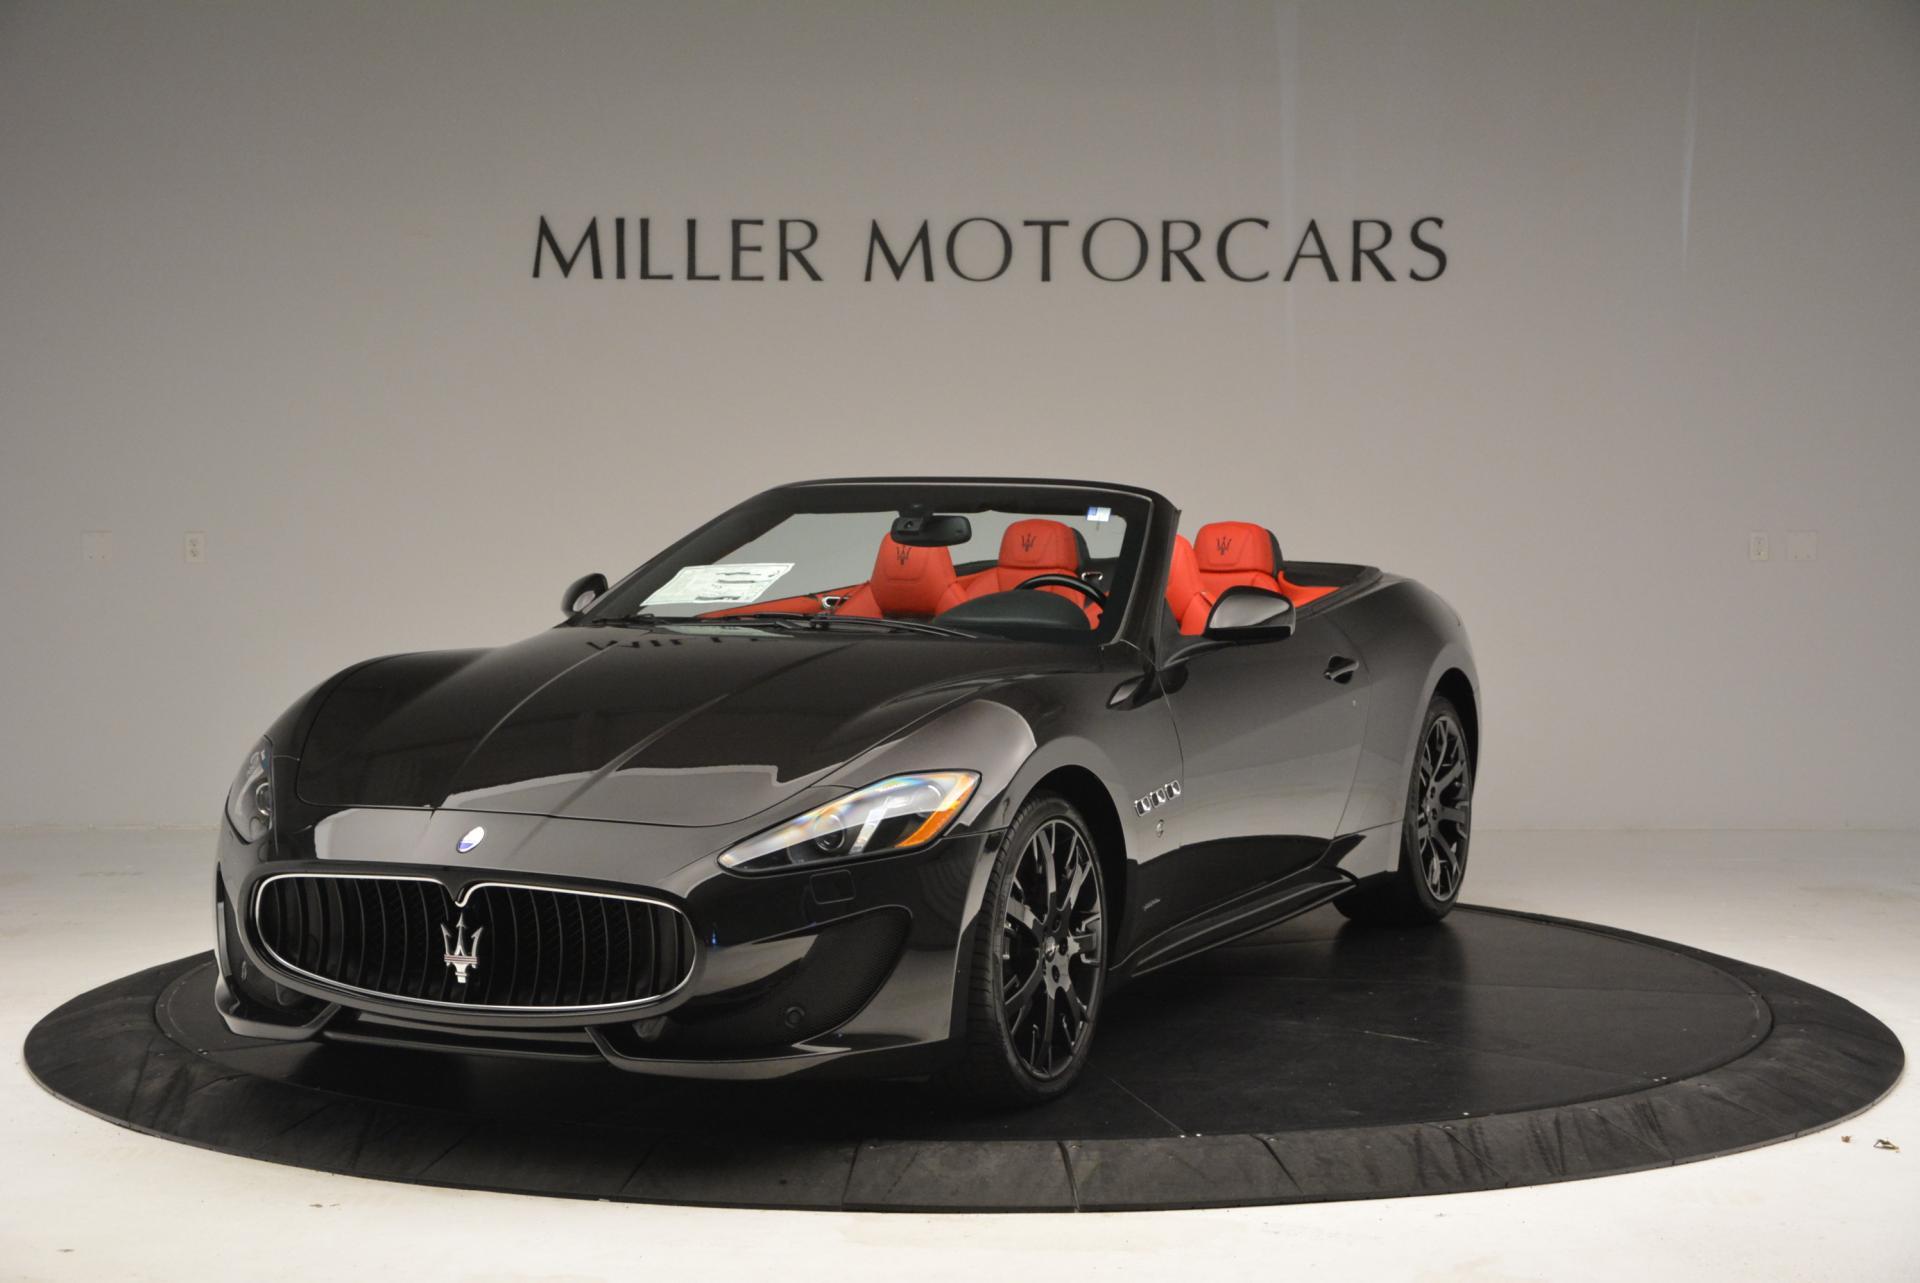 New 2016 Maserati GranTurismo Convertible Sport For Sale In Greenwich, CT 155_main